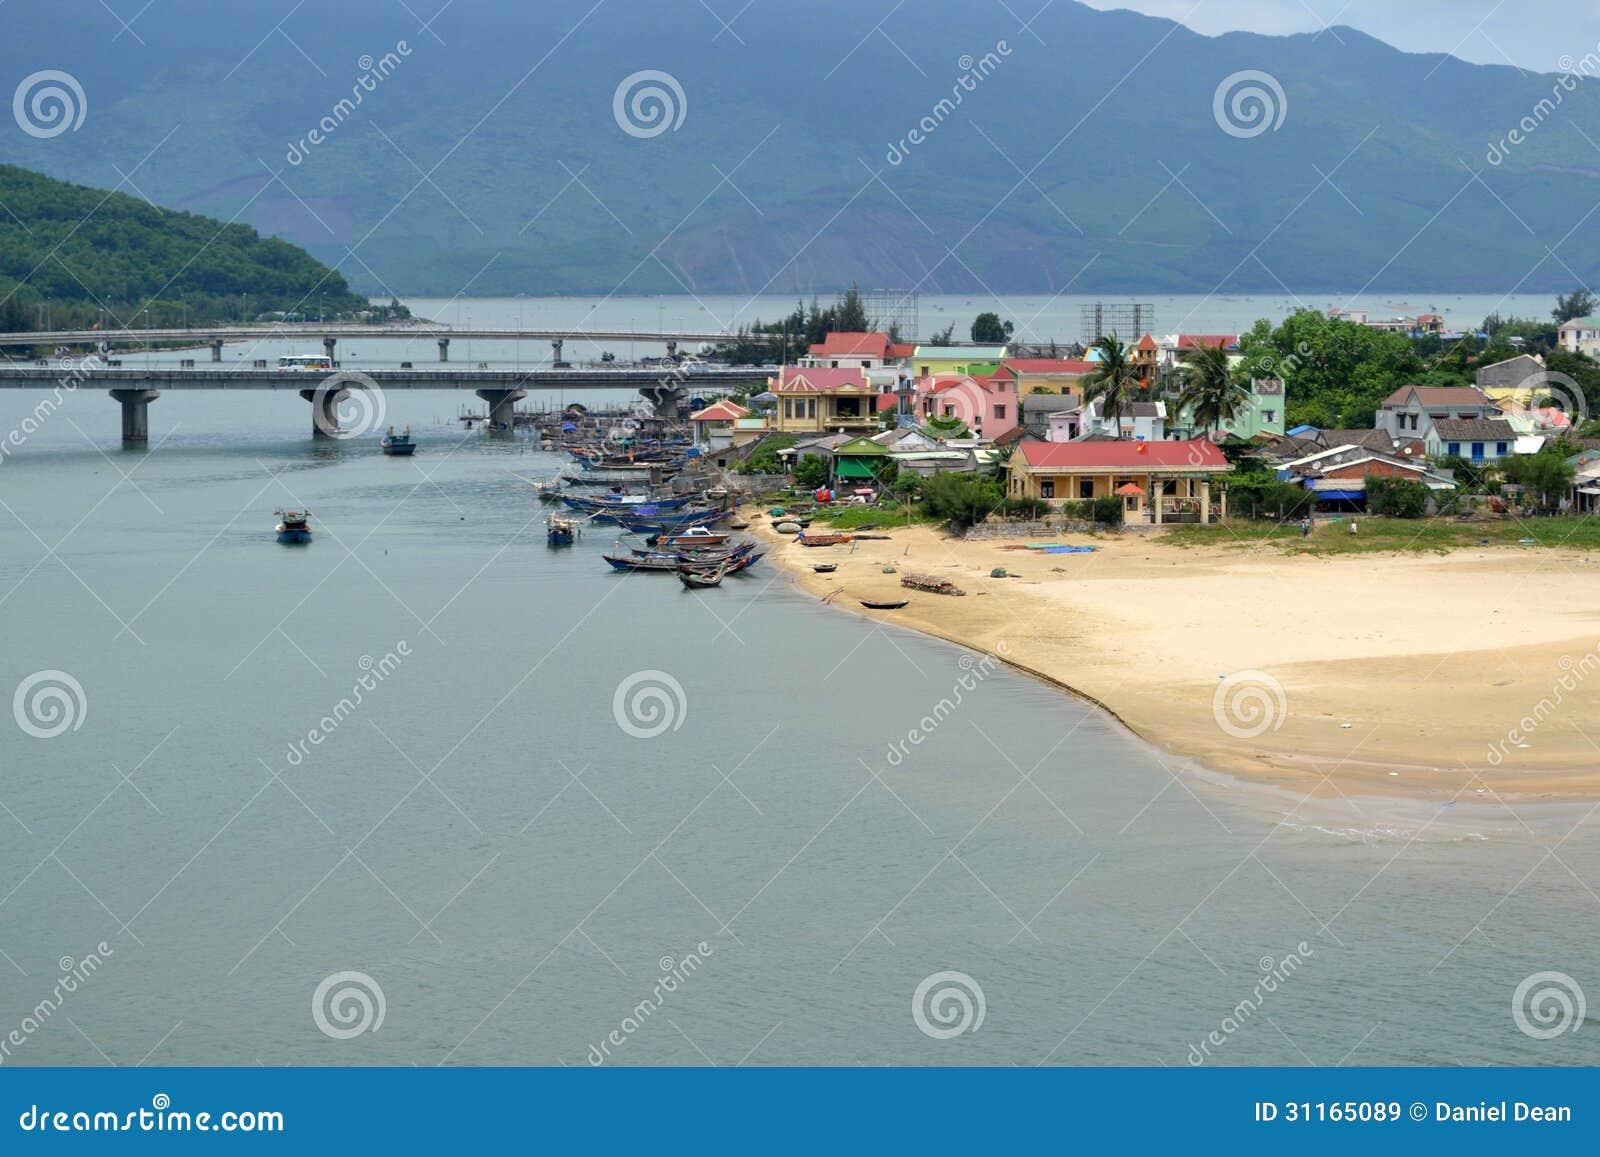 Vietnamees Visserijdorp